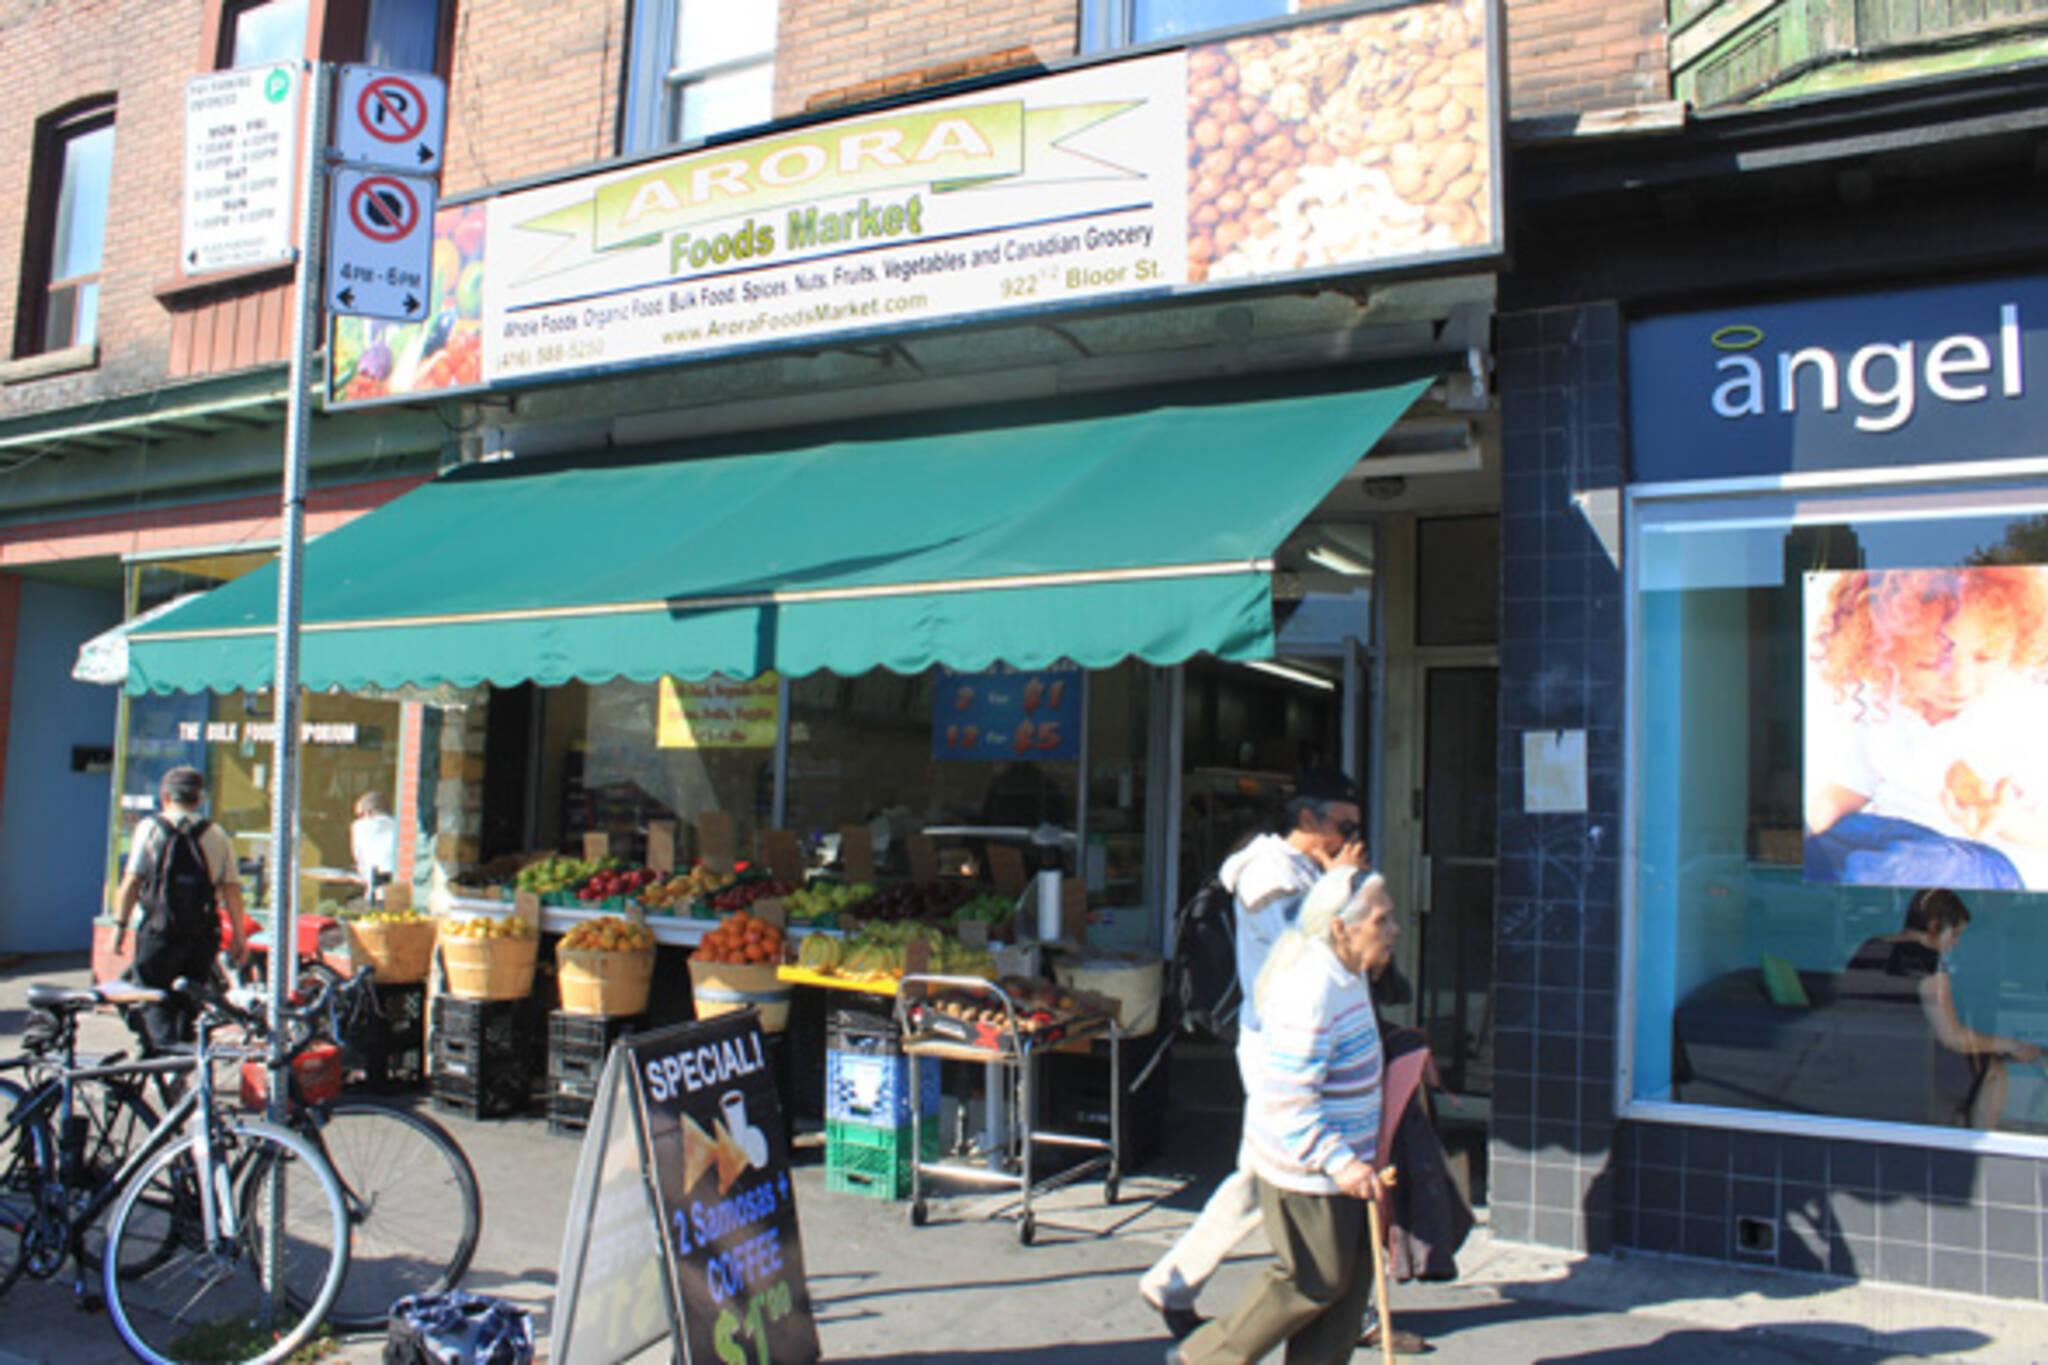 Arora Foods Market